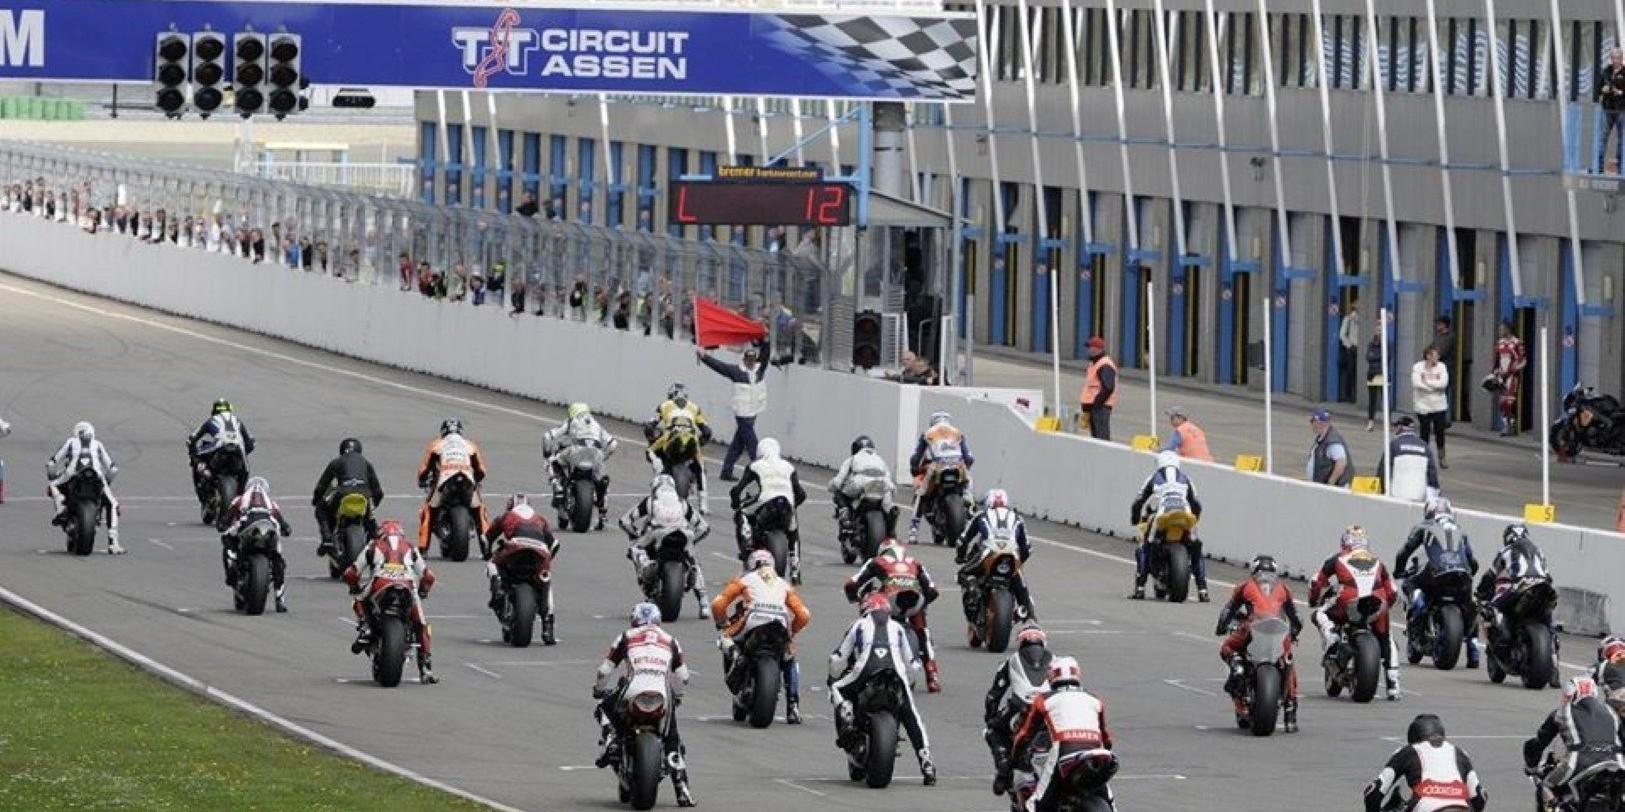 Startgebied op het TT circuit in Assen